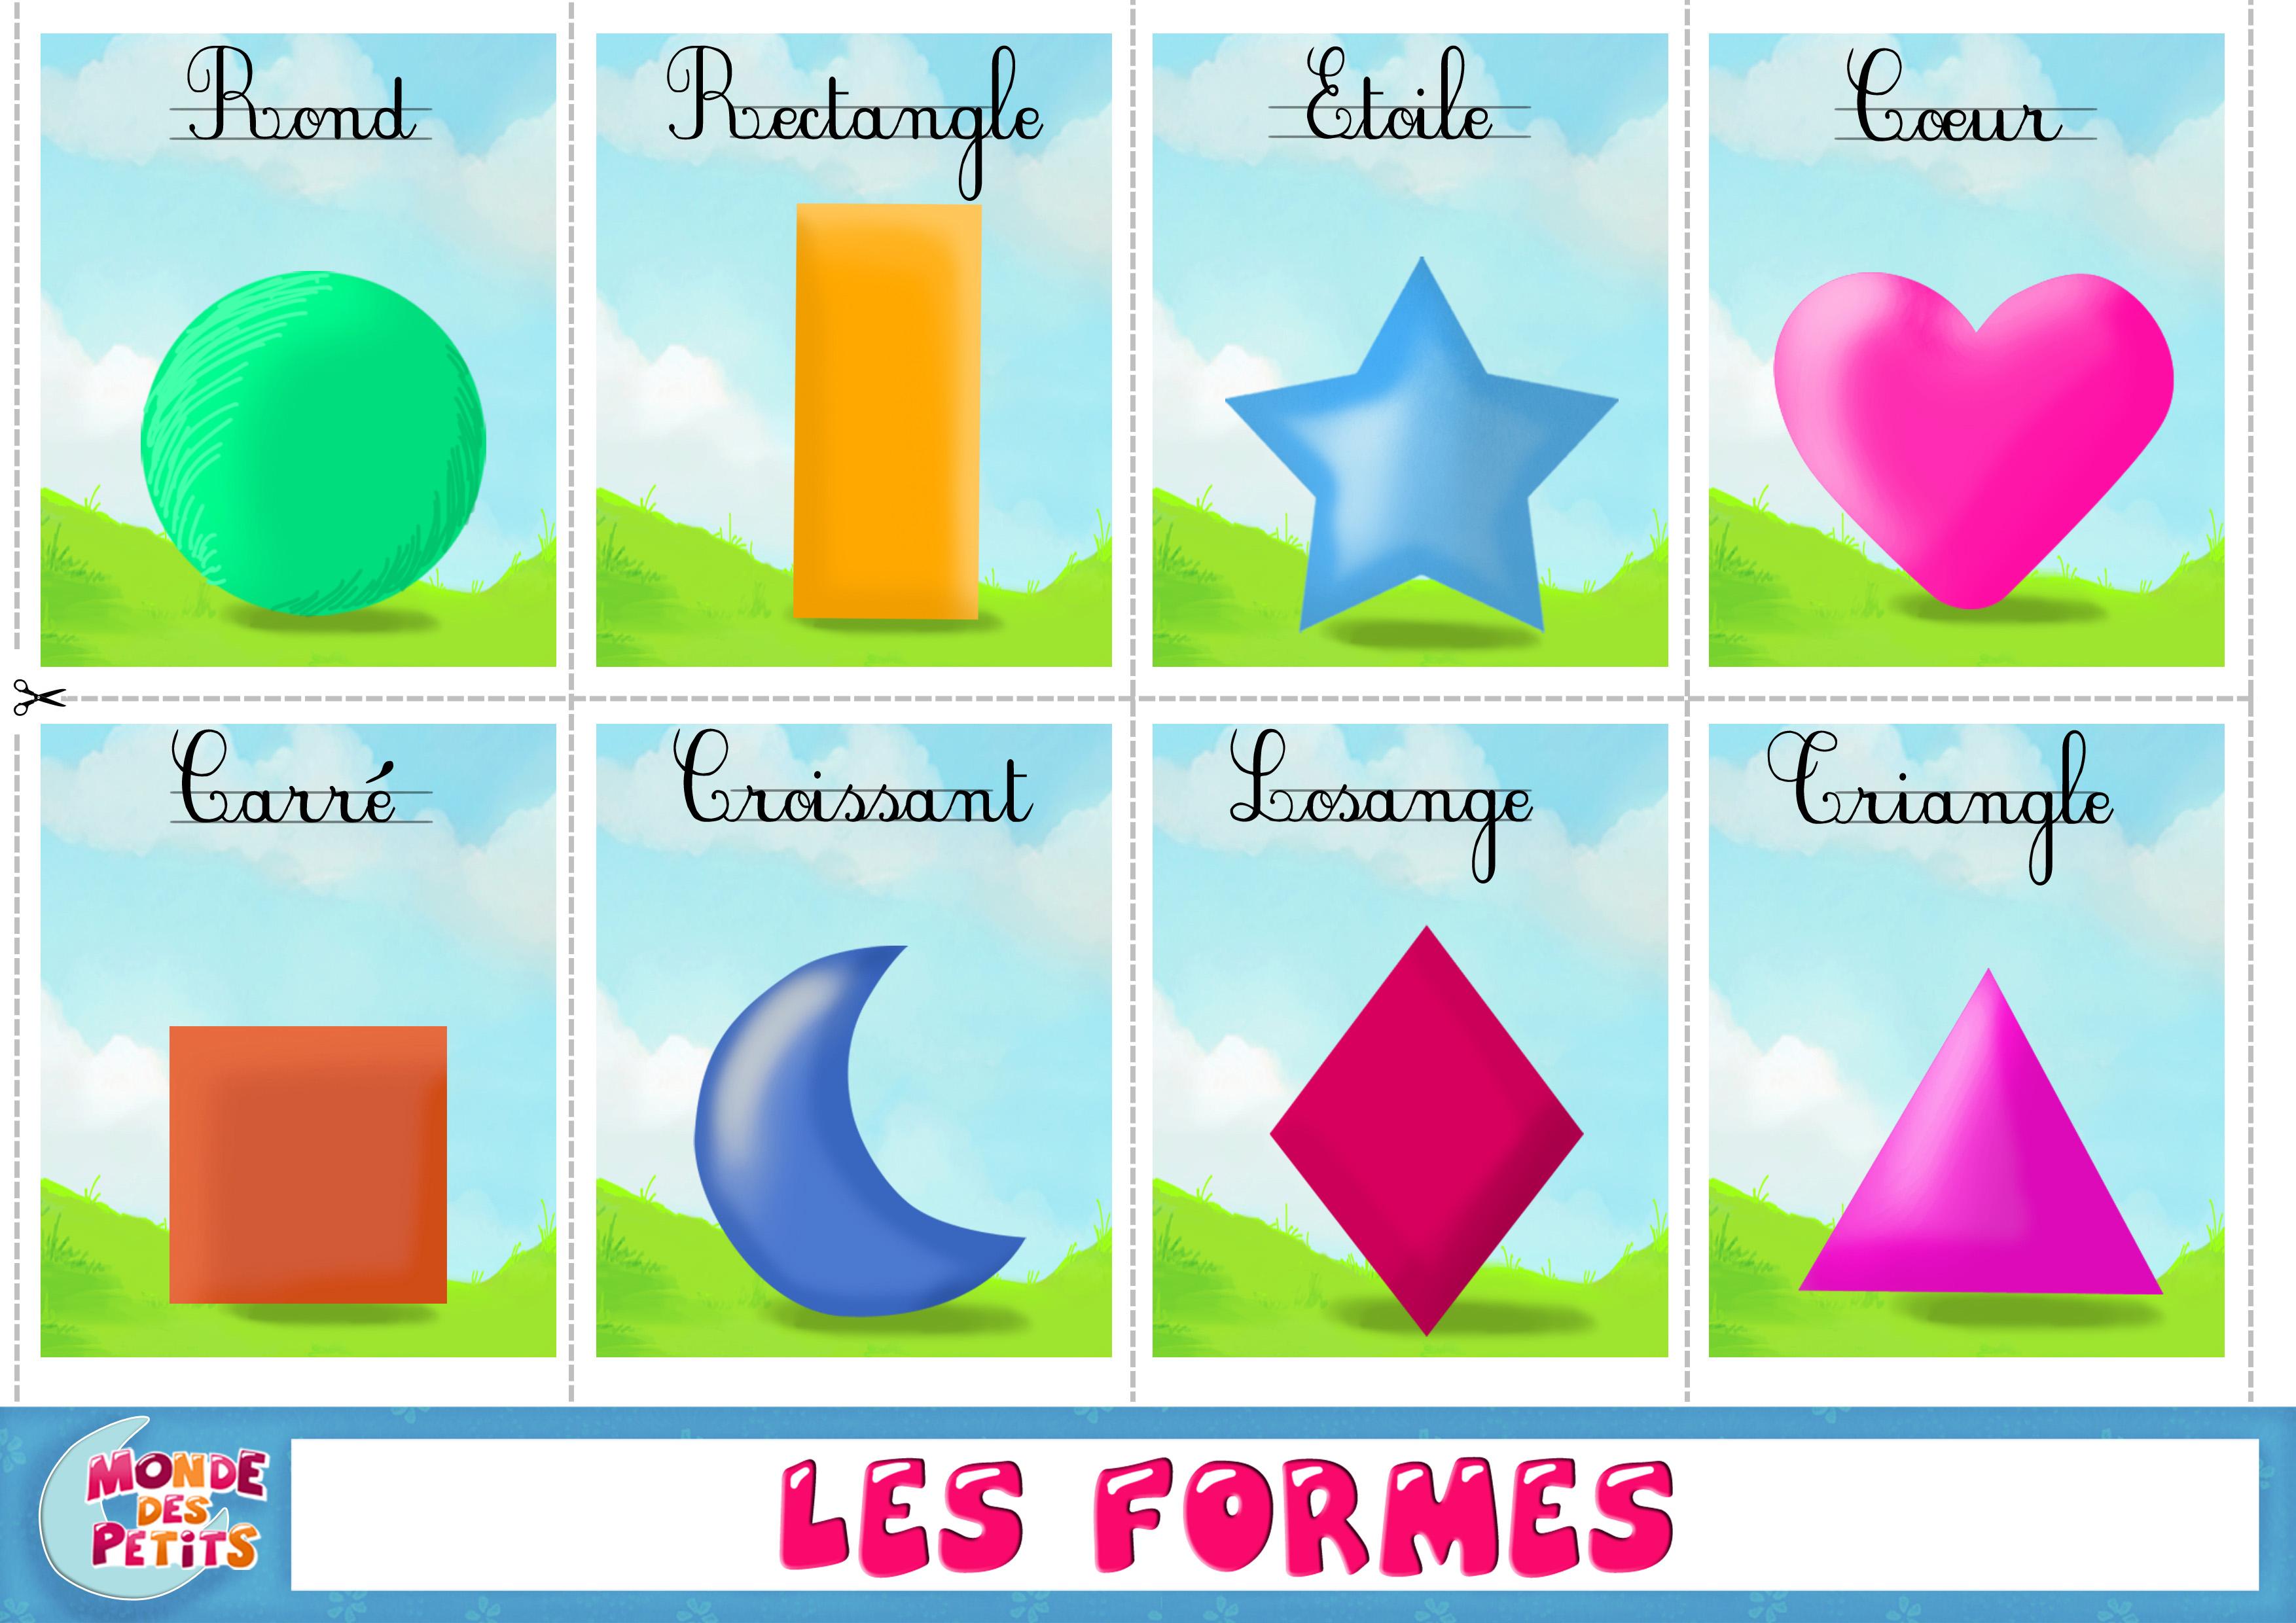 Figury geometryczne - słownictwo 1 - Francuski przy kawie